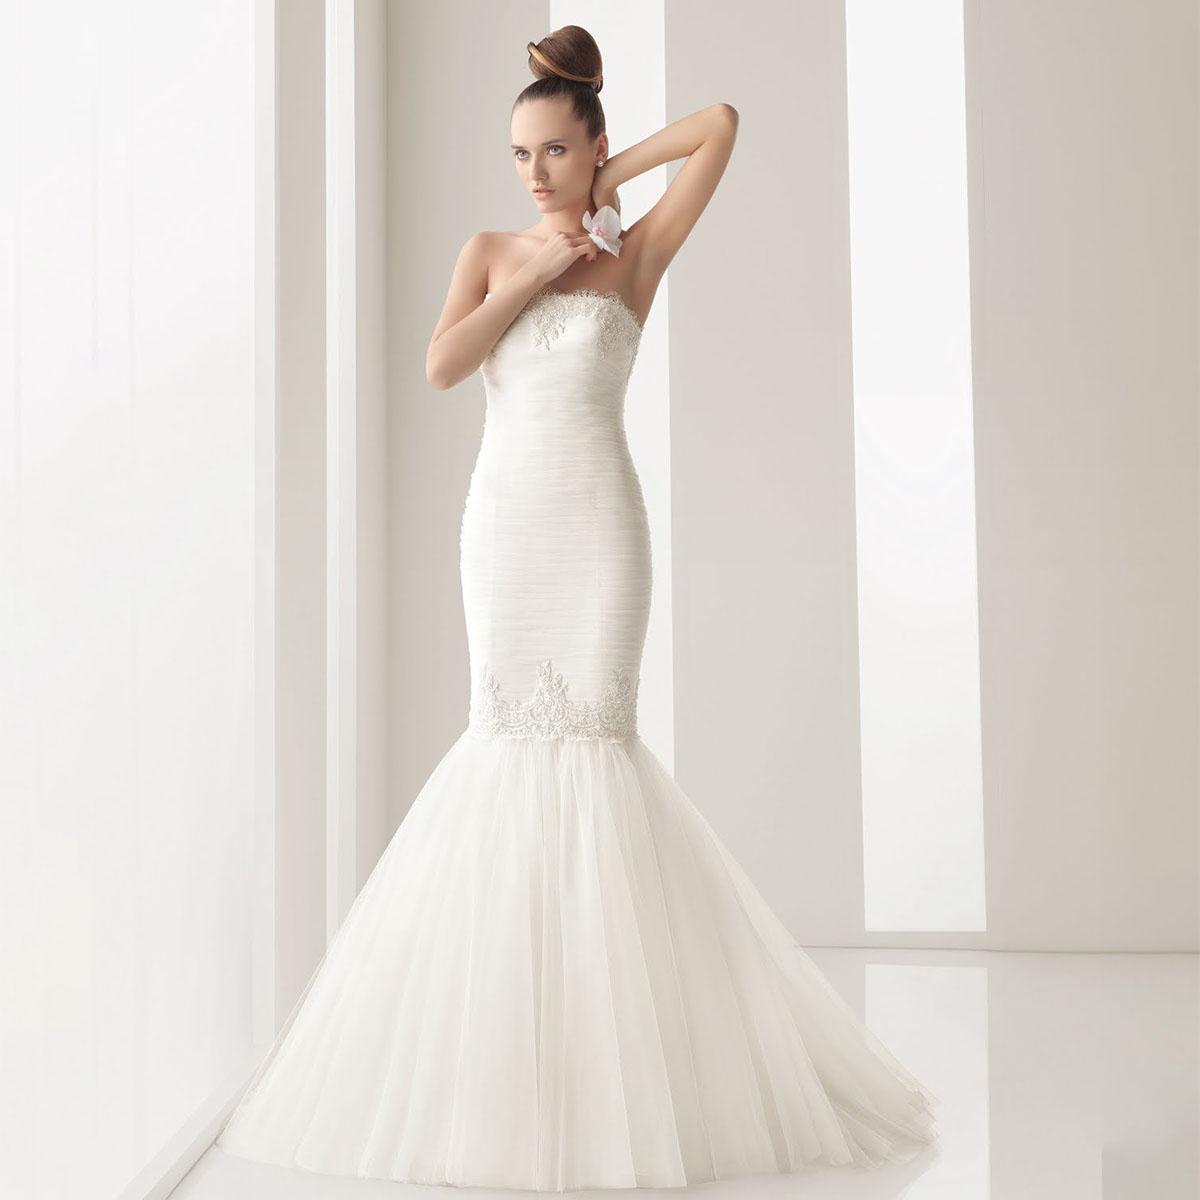 058f5ab6e34 Свадебное платье Русалка — Jewellery Mag